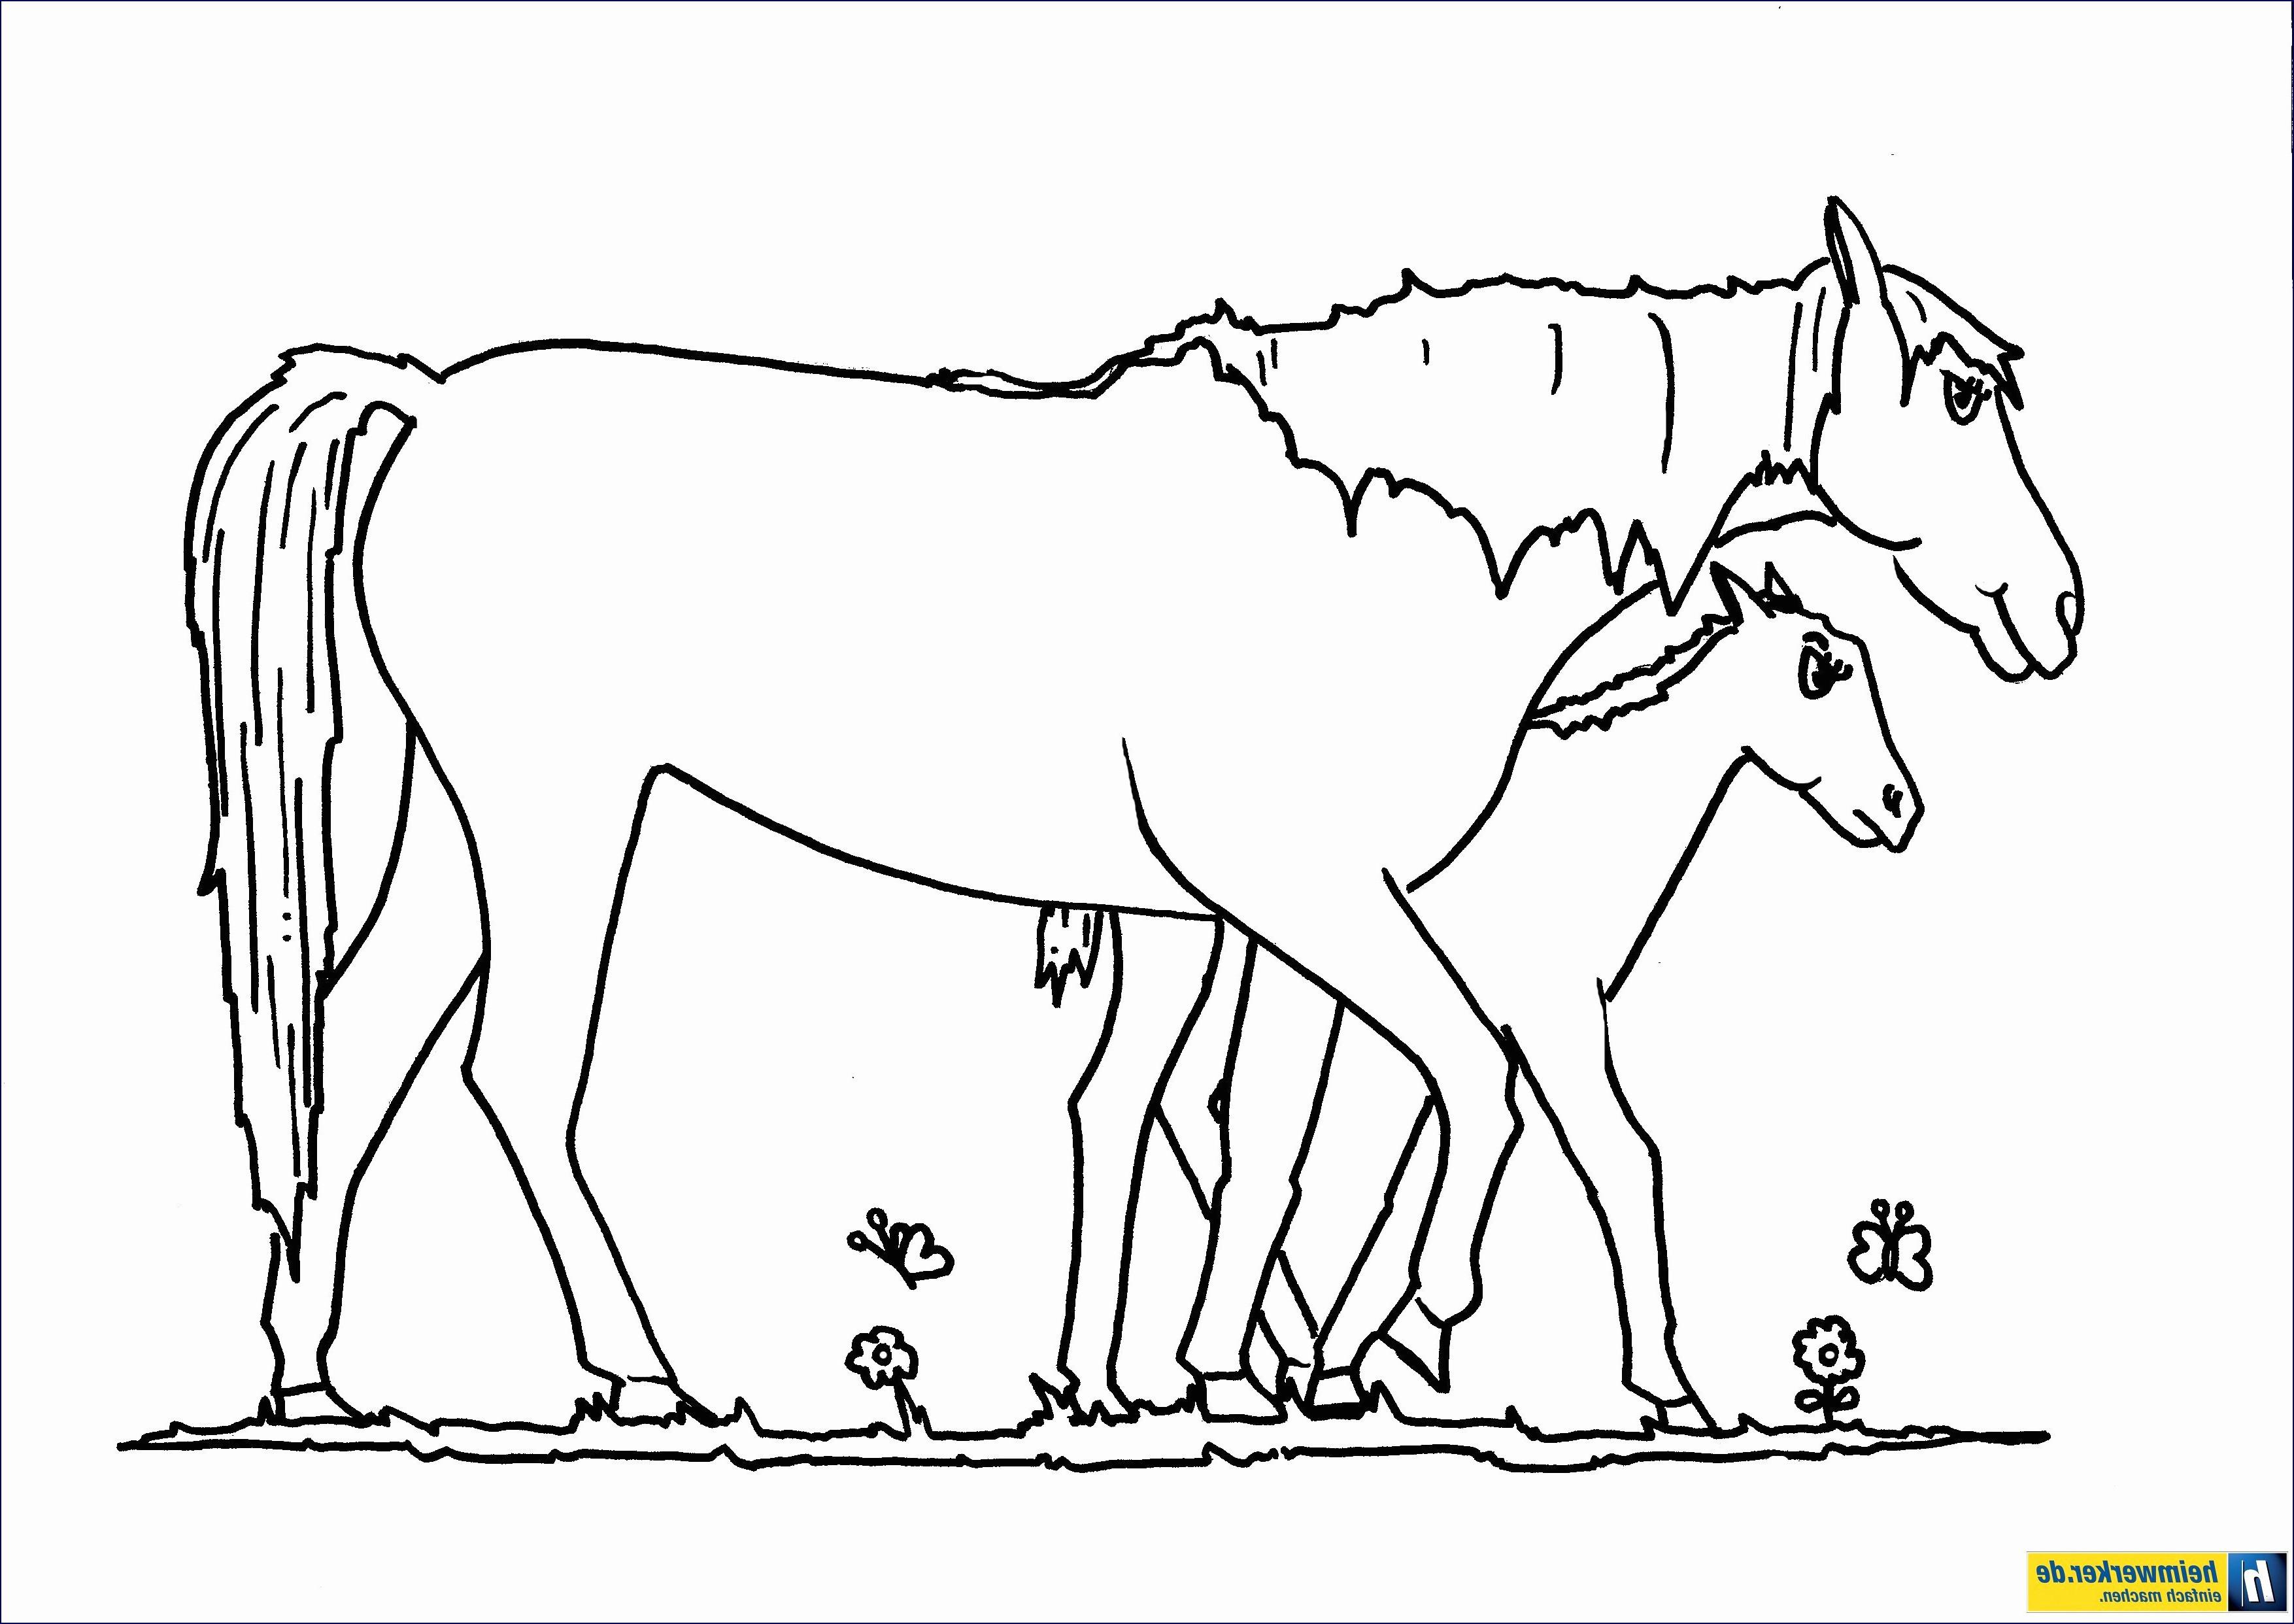 Pferde Ausmalbilder Zum Drucken Frisch 30 Einzigartig Pferde Mandalas – Malvorlagen Ideen Galerie